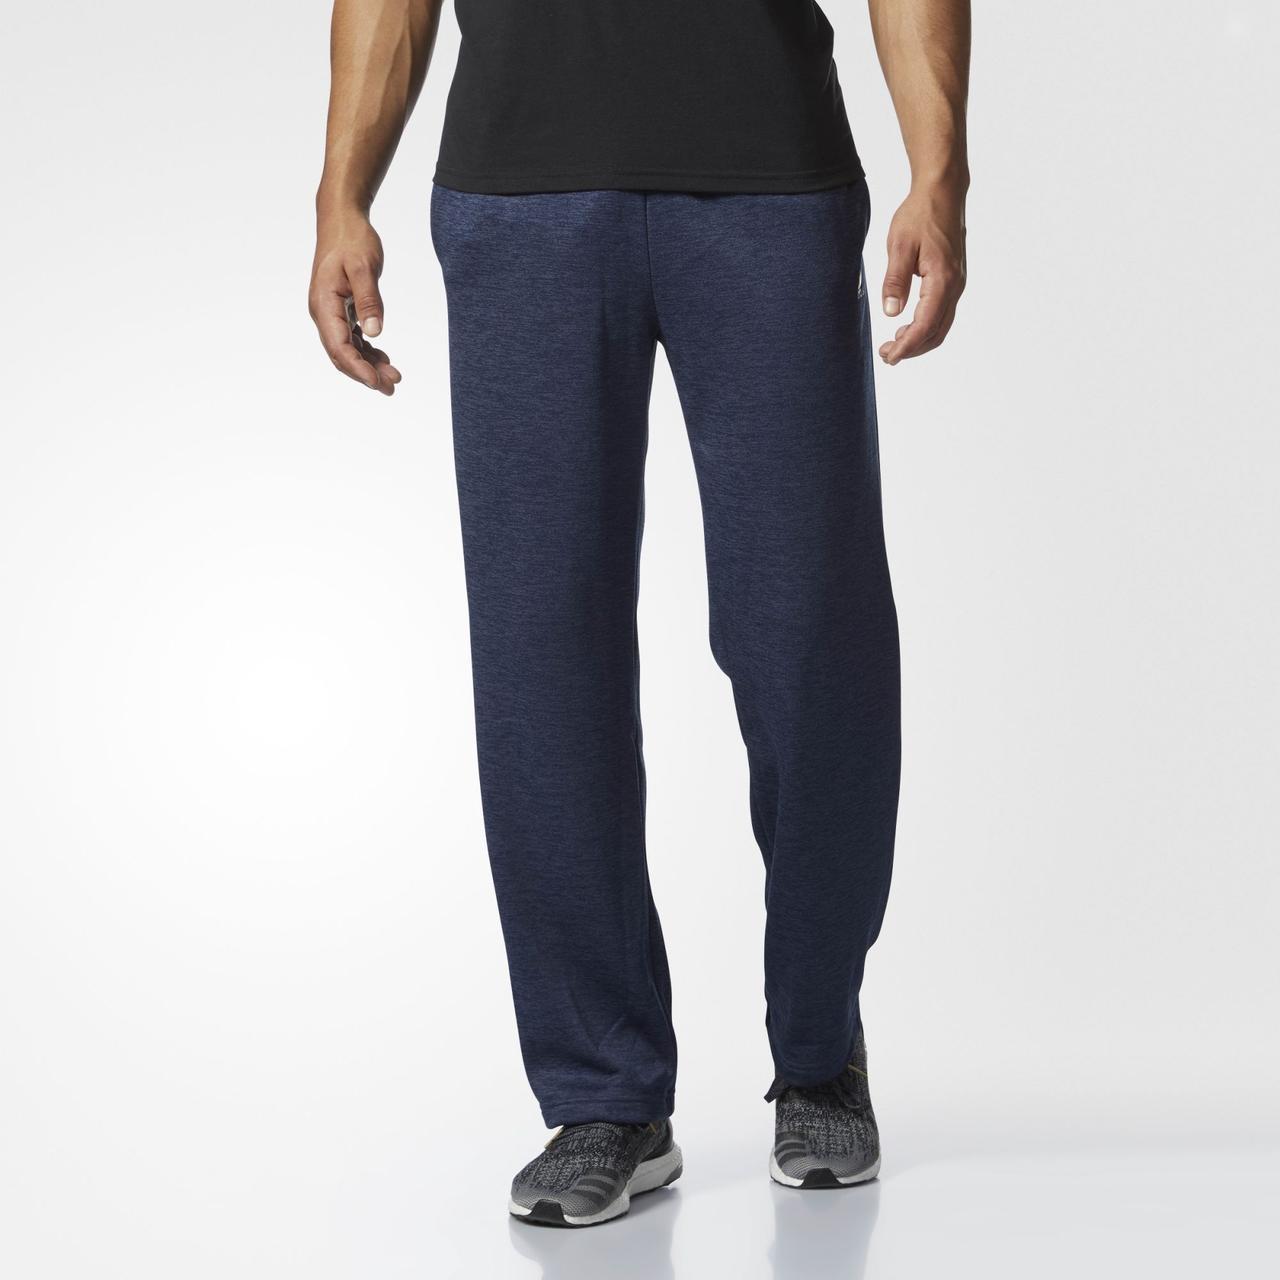 Мужские брюки Adidas Performance Team Issue (Артикул: BQ8819)